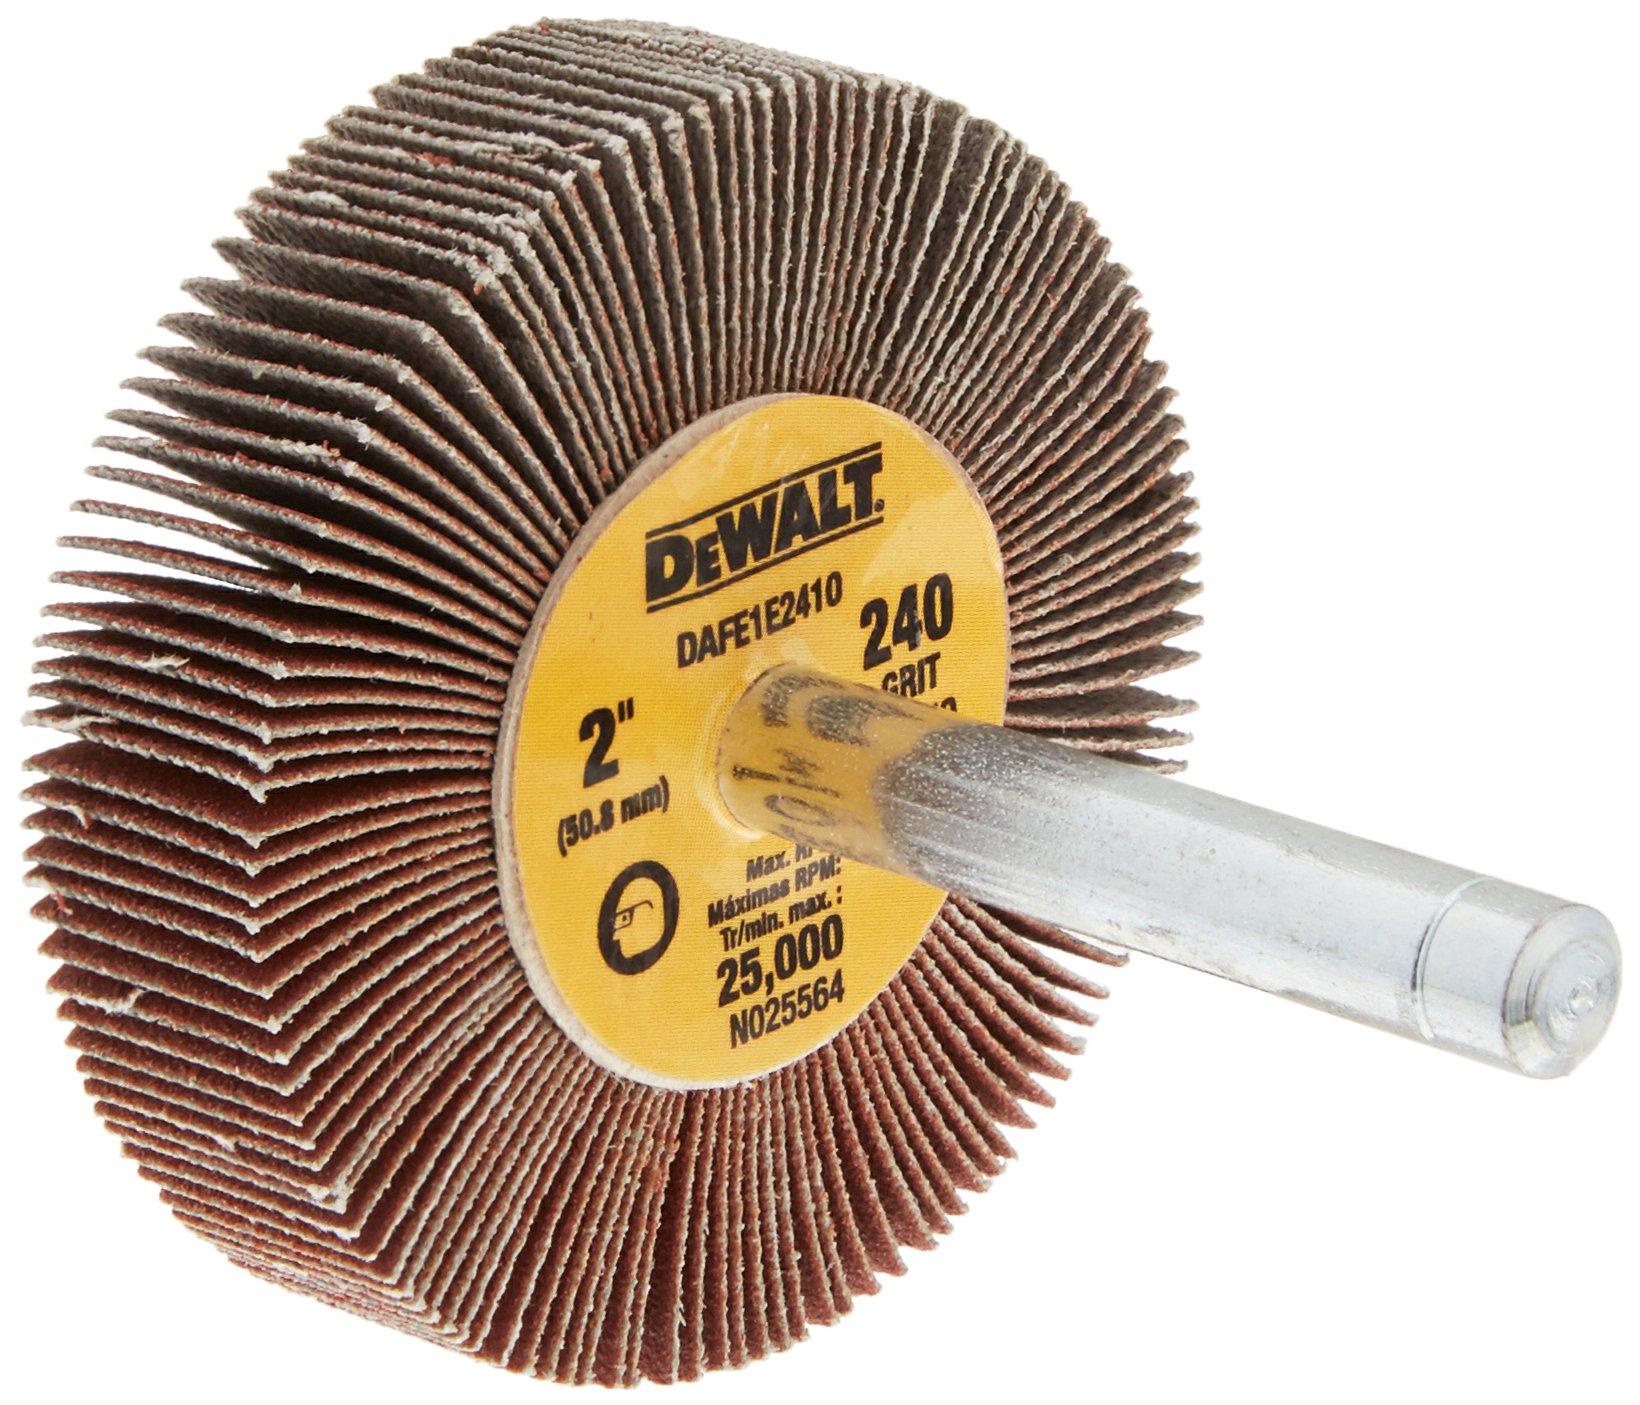 DEWALT DAFE1E2410 2-Inch by 1/2-Inch by 1/4-Inch HP 240g Flap Wheel